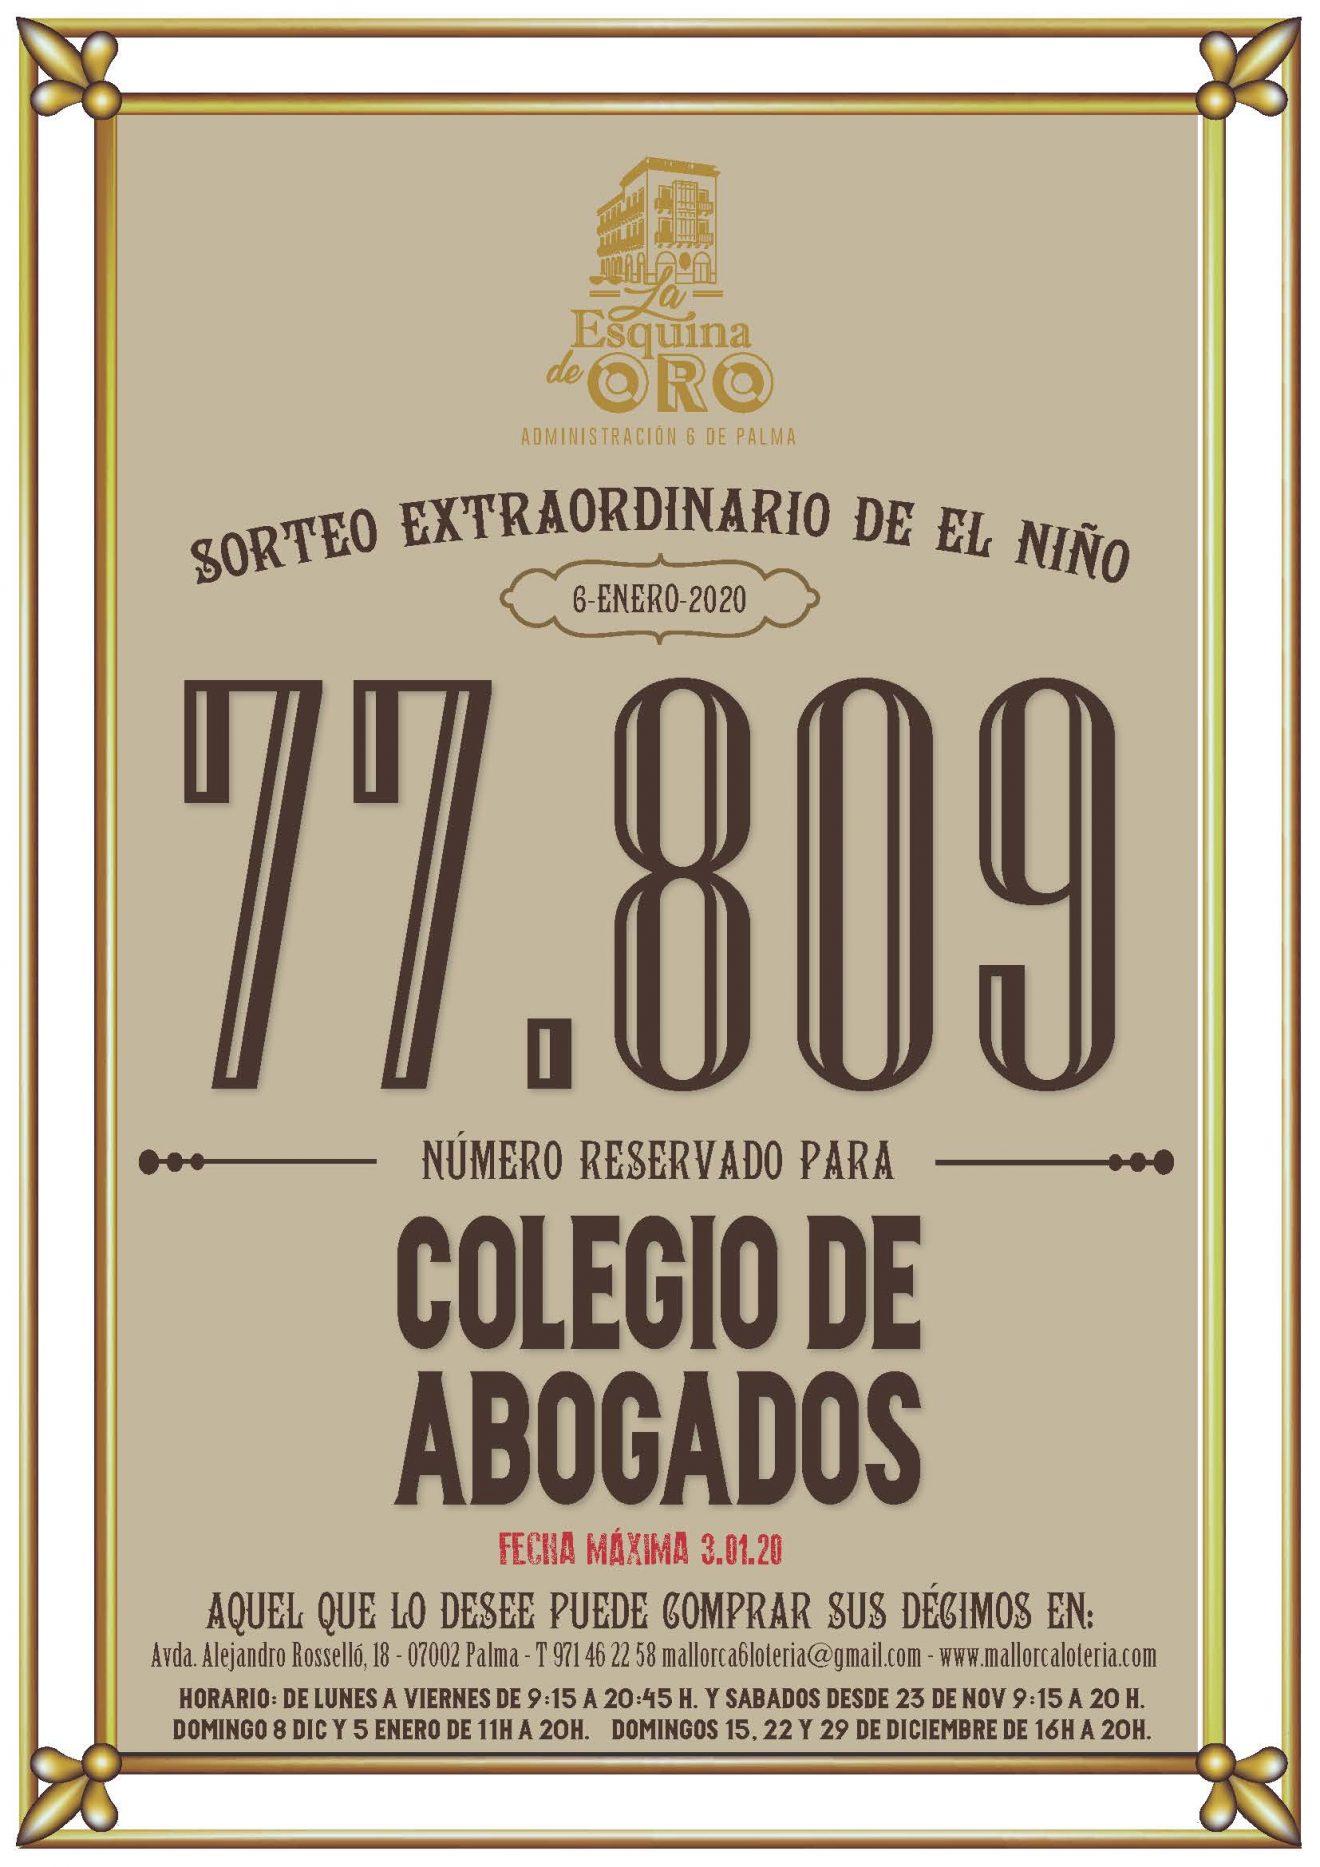 77809, el número del ICAIB para la lotería del Niño